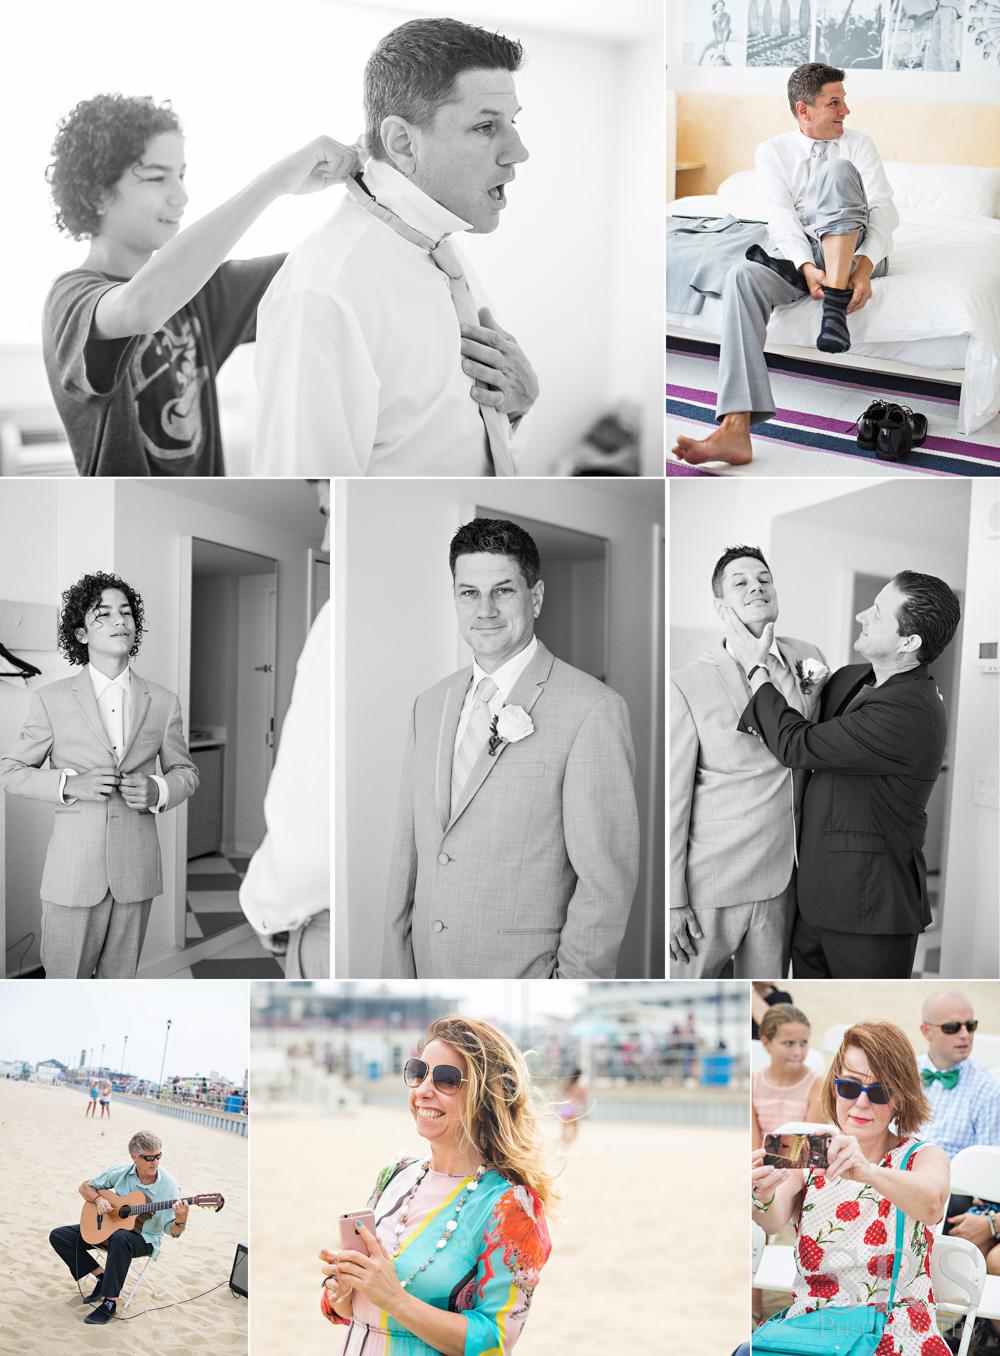 03_srs_photography_sara_stadtmiller_asbury_park_wedding_photography_nj_wedding_photographer_monmouth_county_wedding_photographer_wedding_getting_ready_beach_ceremony